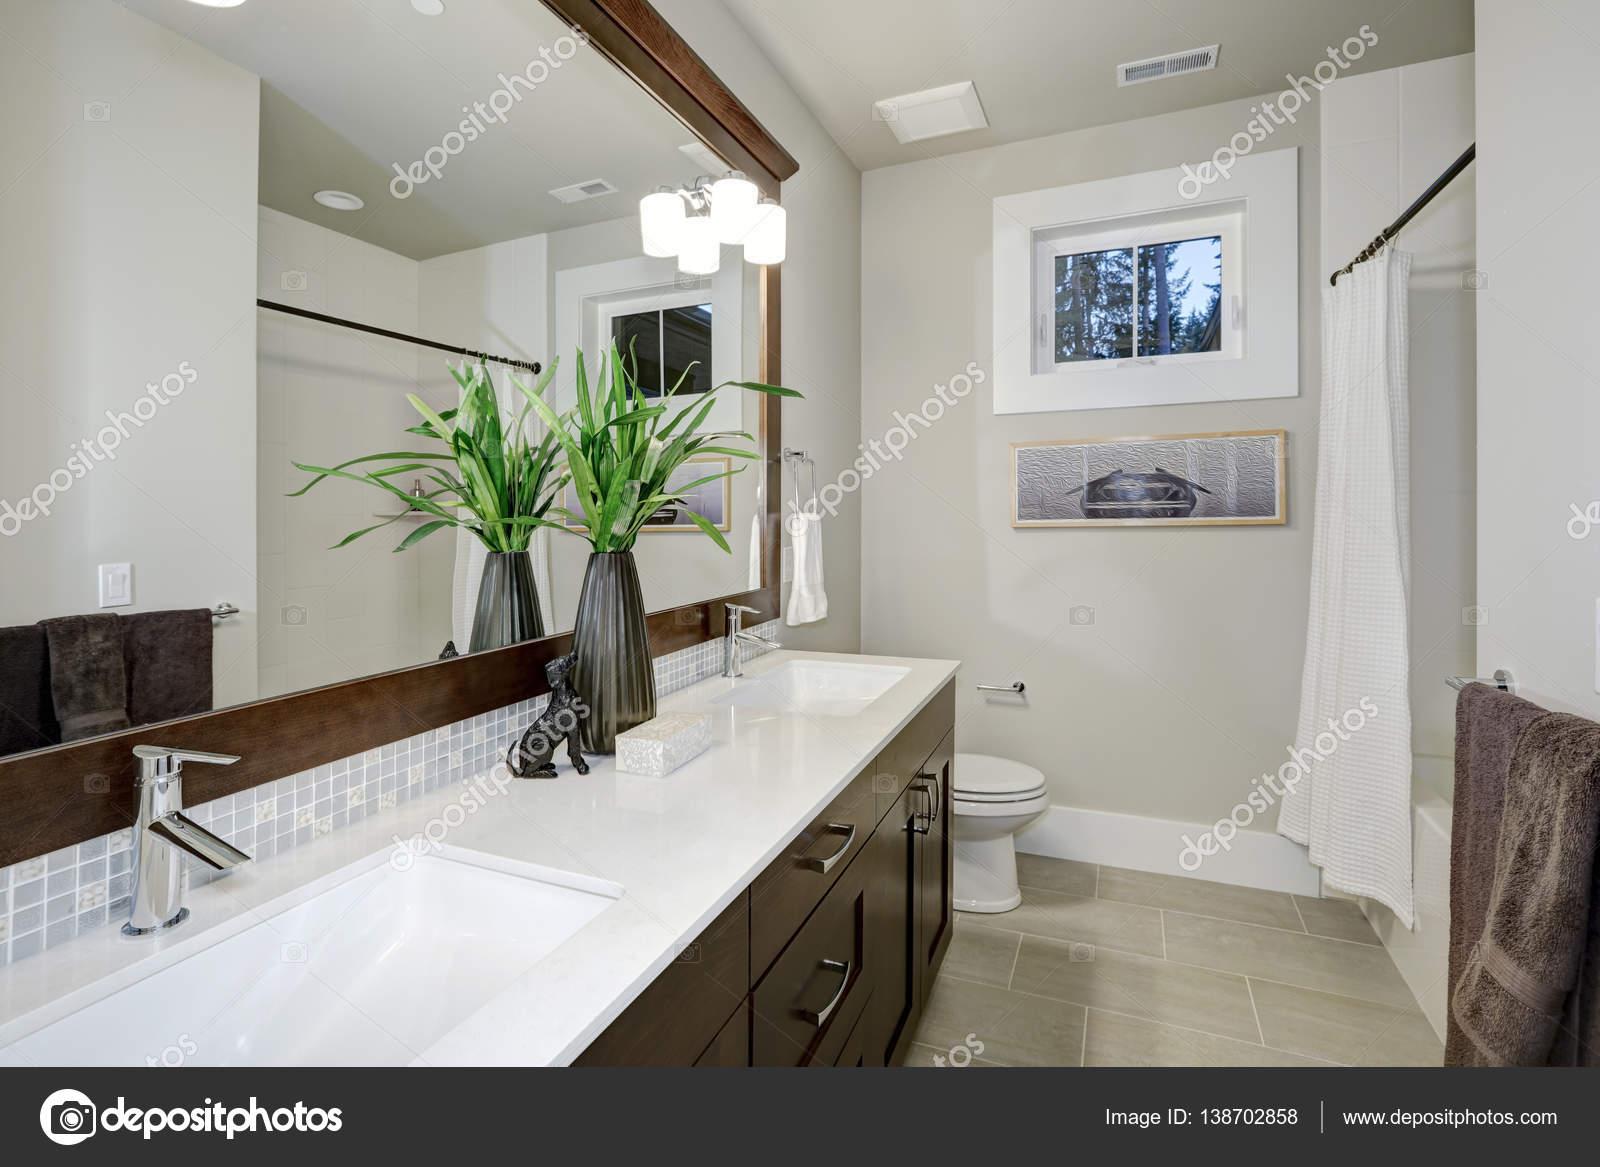 Witte en bruine badkamer design in gloednieuwe huis — Stockfoto ...